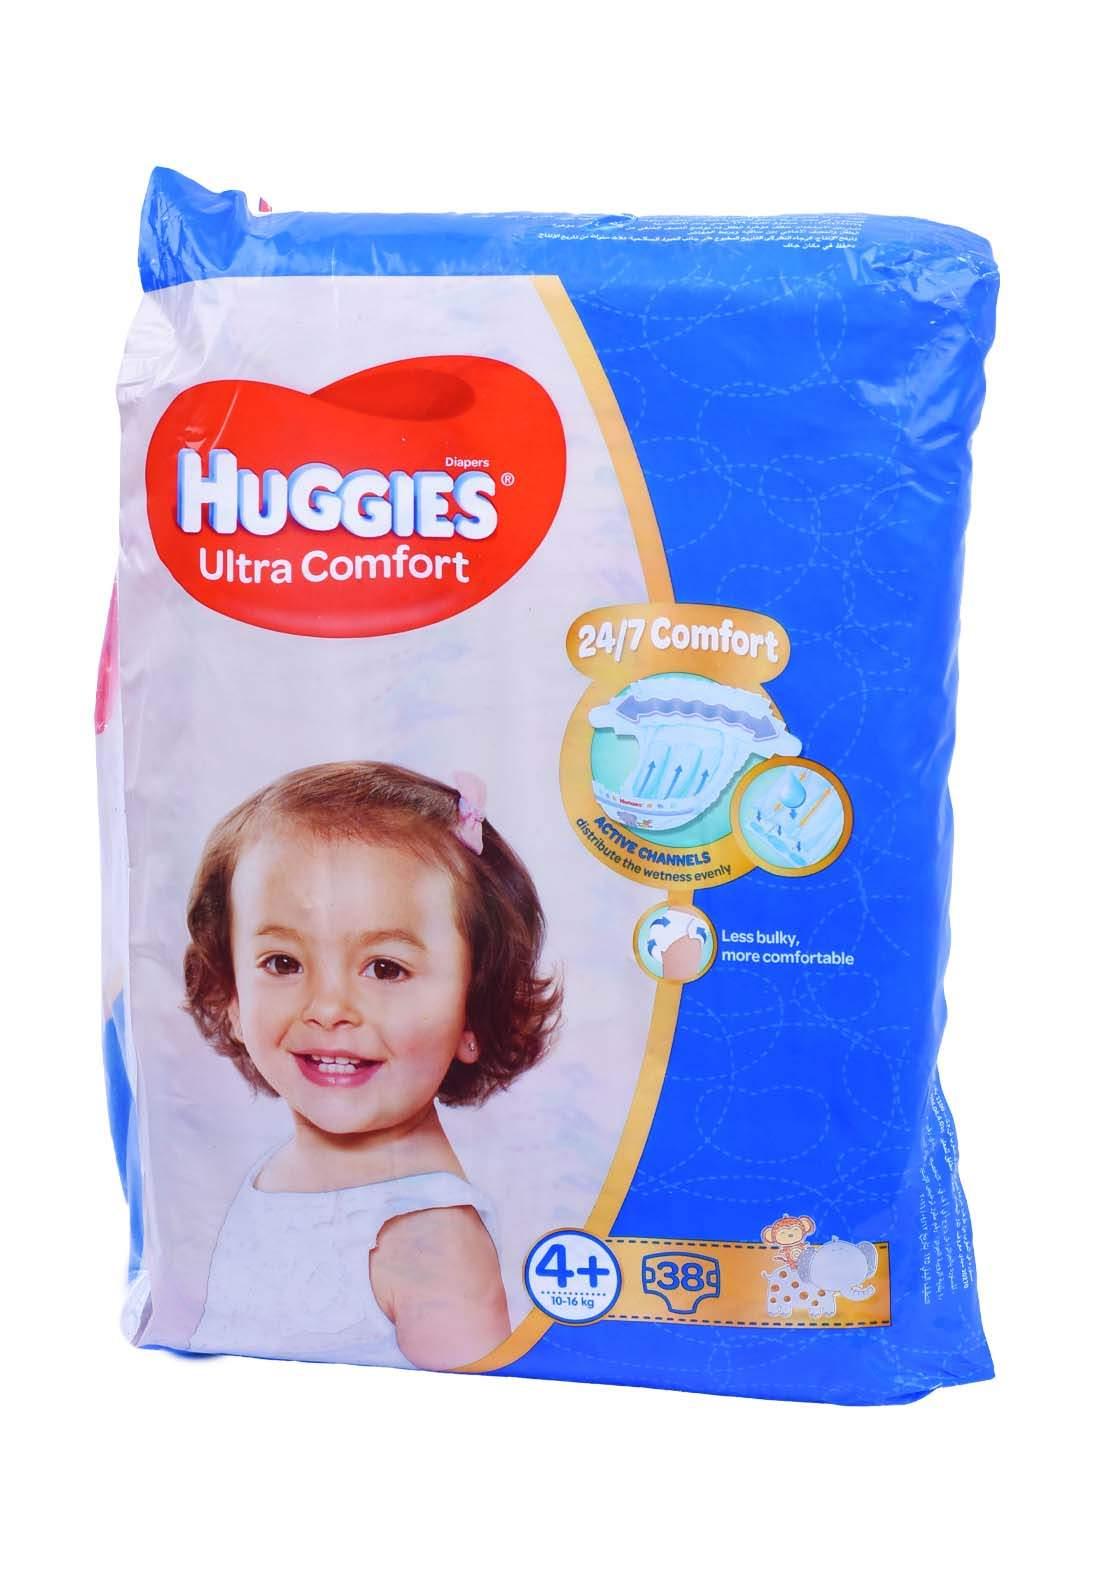 Huggies 10-16 Kg 38 Pcs حفاضات هجيز للاطفال عادي رقم +4